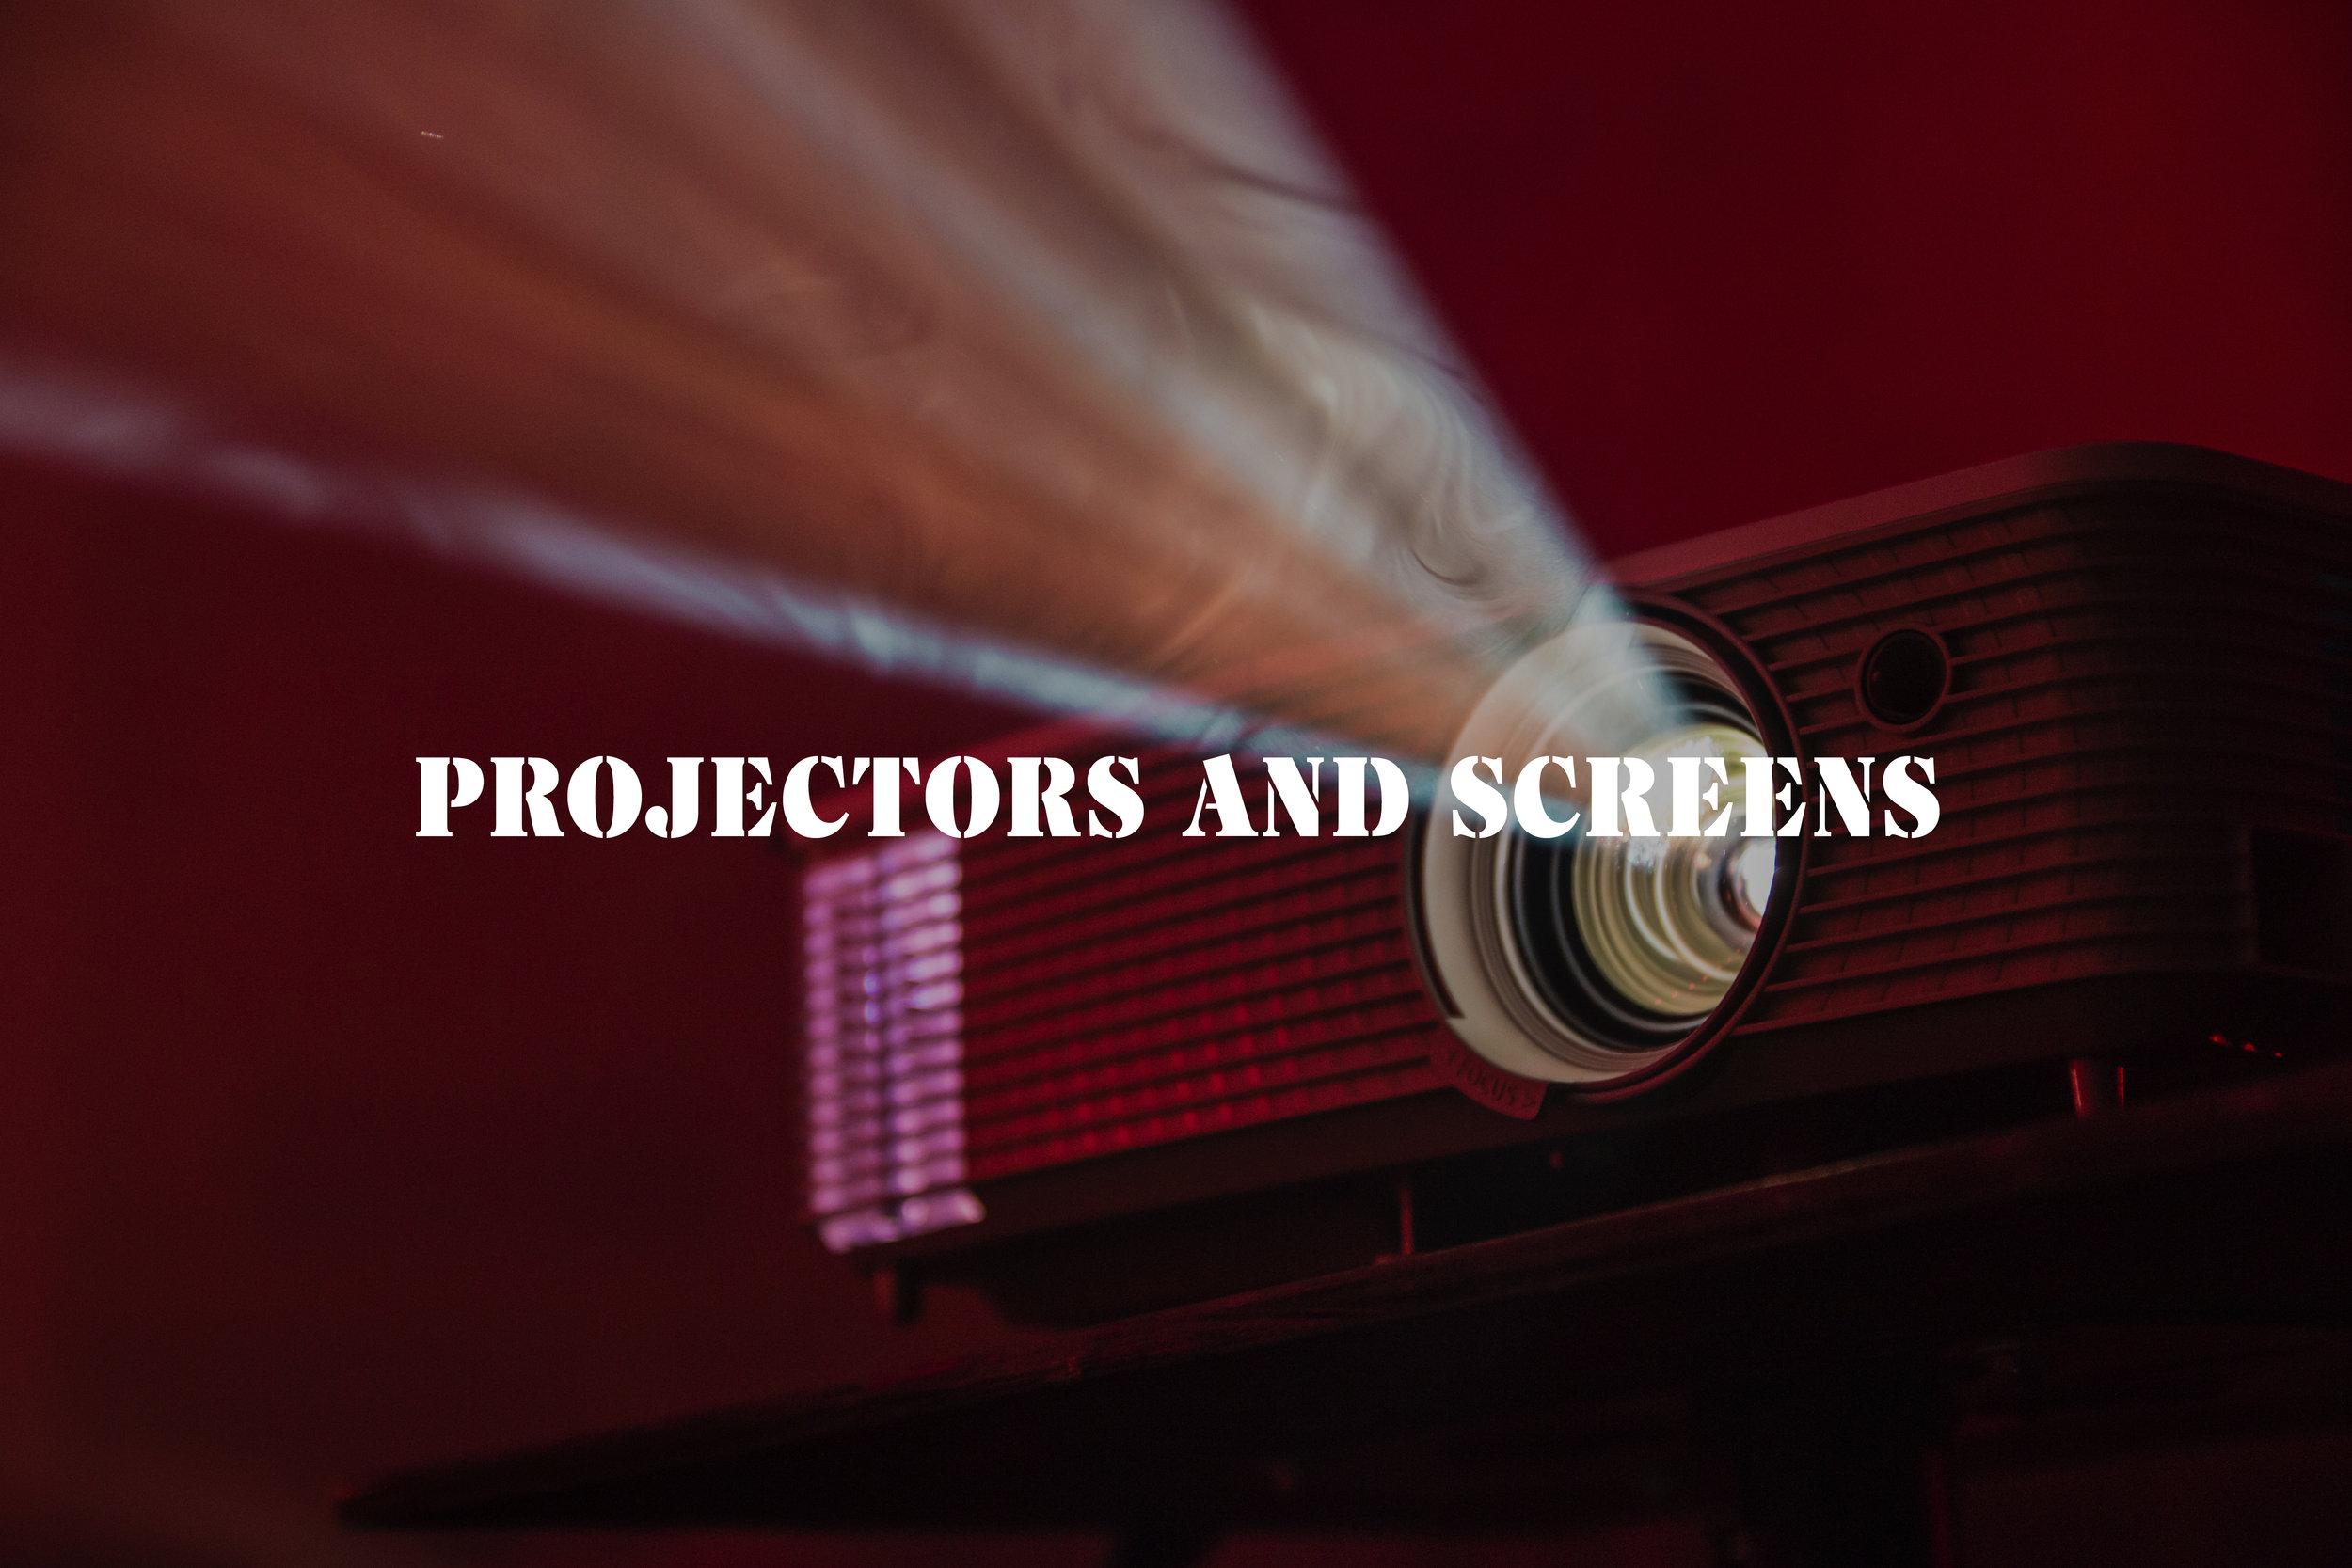 Projectors and screens.jpg